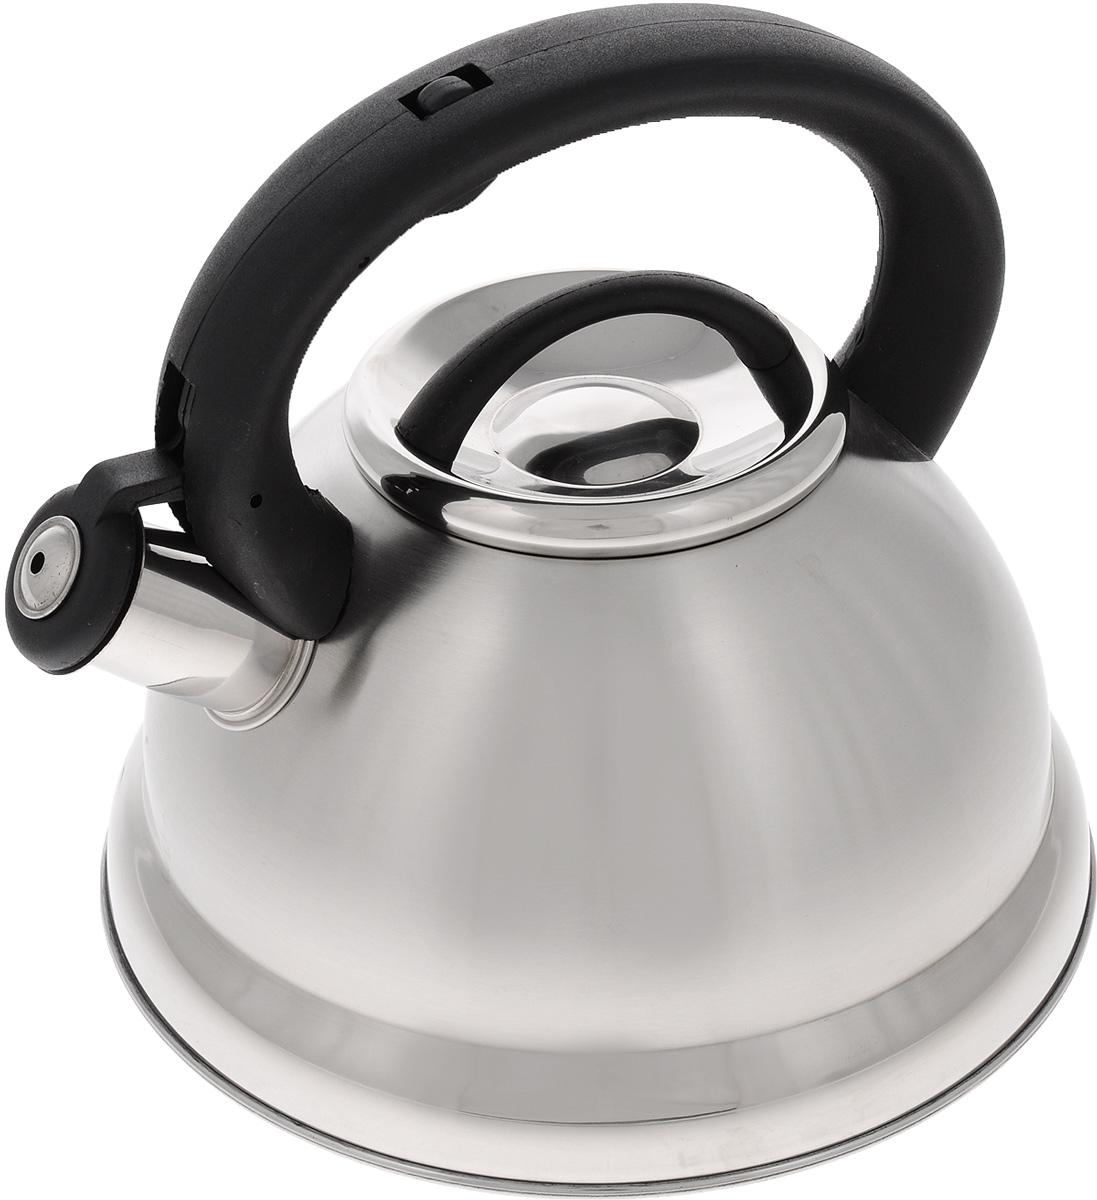 Чайник Mayer & Boch, со свистком, 2,8 л. 2163554 009312Чайник Mayer & Boch выполнен из высококачественной нержавеющей стали, что делает его весьма гигиеничным и устойчивым к износу при длительном использовании. Носик чайника оснащен откидным свистком, звуковой сигнал которого подскажет, когда закипит вода. Свисток открывается нажатием кнопки на ручке. Фиксированная ручка, изготовленная из пластика, делает использование чайника очень удобным и безопасным. Поверхность чайника гладкая, что облегчает уход за ним. Эстетичный и функциональный, такой чайник будет оригинально смотреться в любом интерьере. Чайник пригоден для всех типов плит, включая индукционные. Можно мыть в посудомоечной машине.Высота чайника (без учета ручки и крышки): 12 см.Высота чайника (с учетом ручки и крышки): 21 см.Диаметр чайника (по верхнему краю): 10 см.